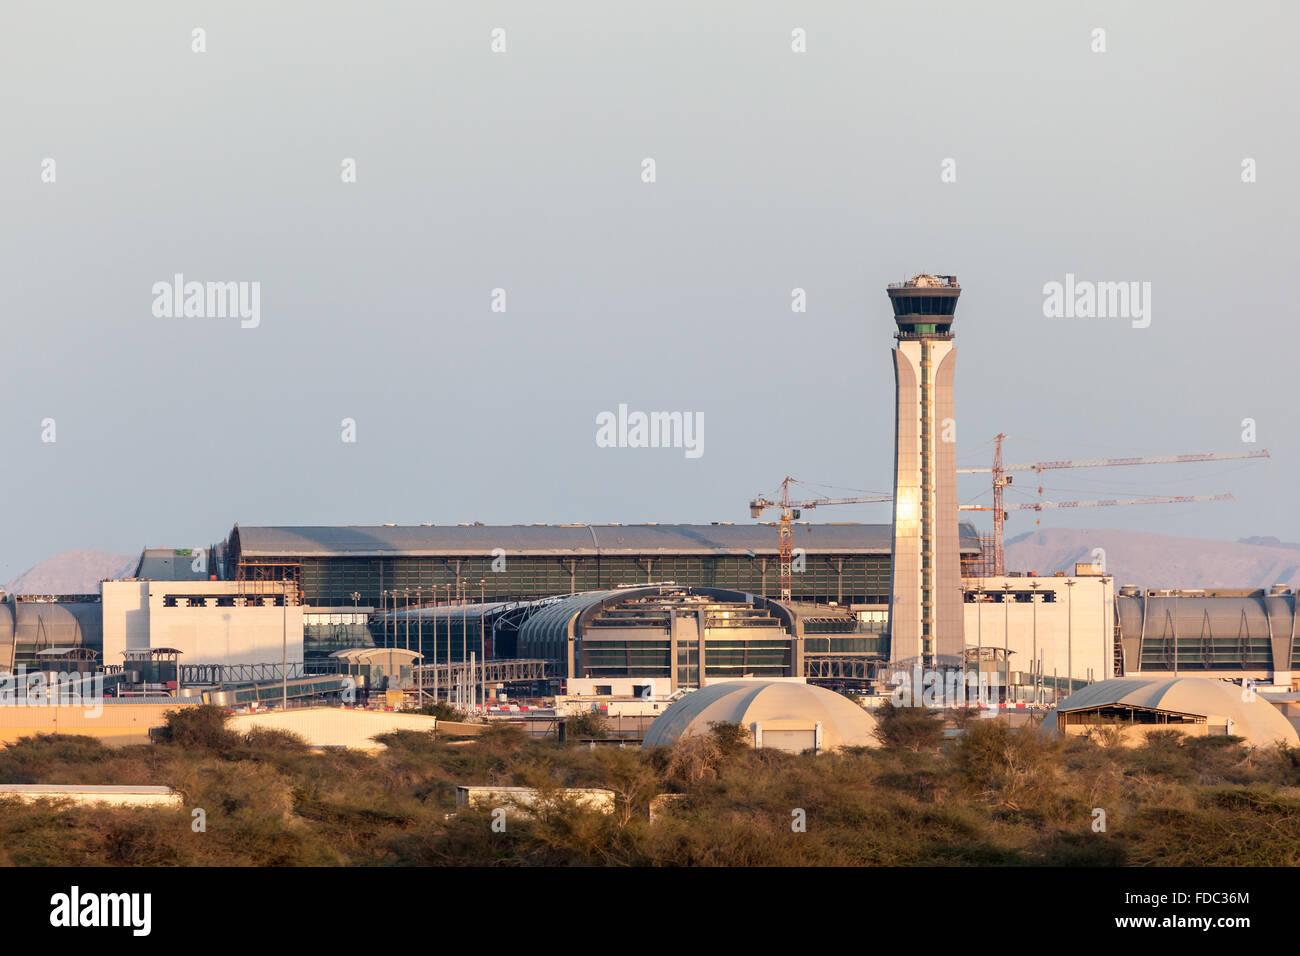 Oman Aeroporto Internazionale di Muscat Immagini Stock